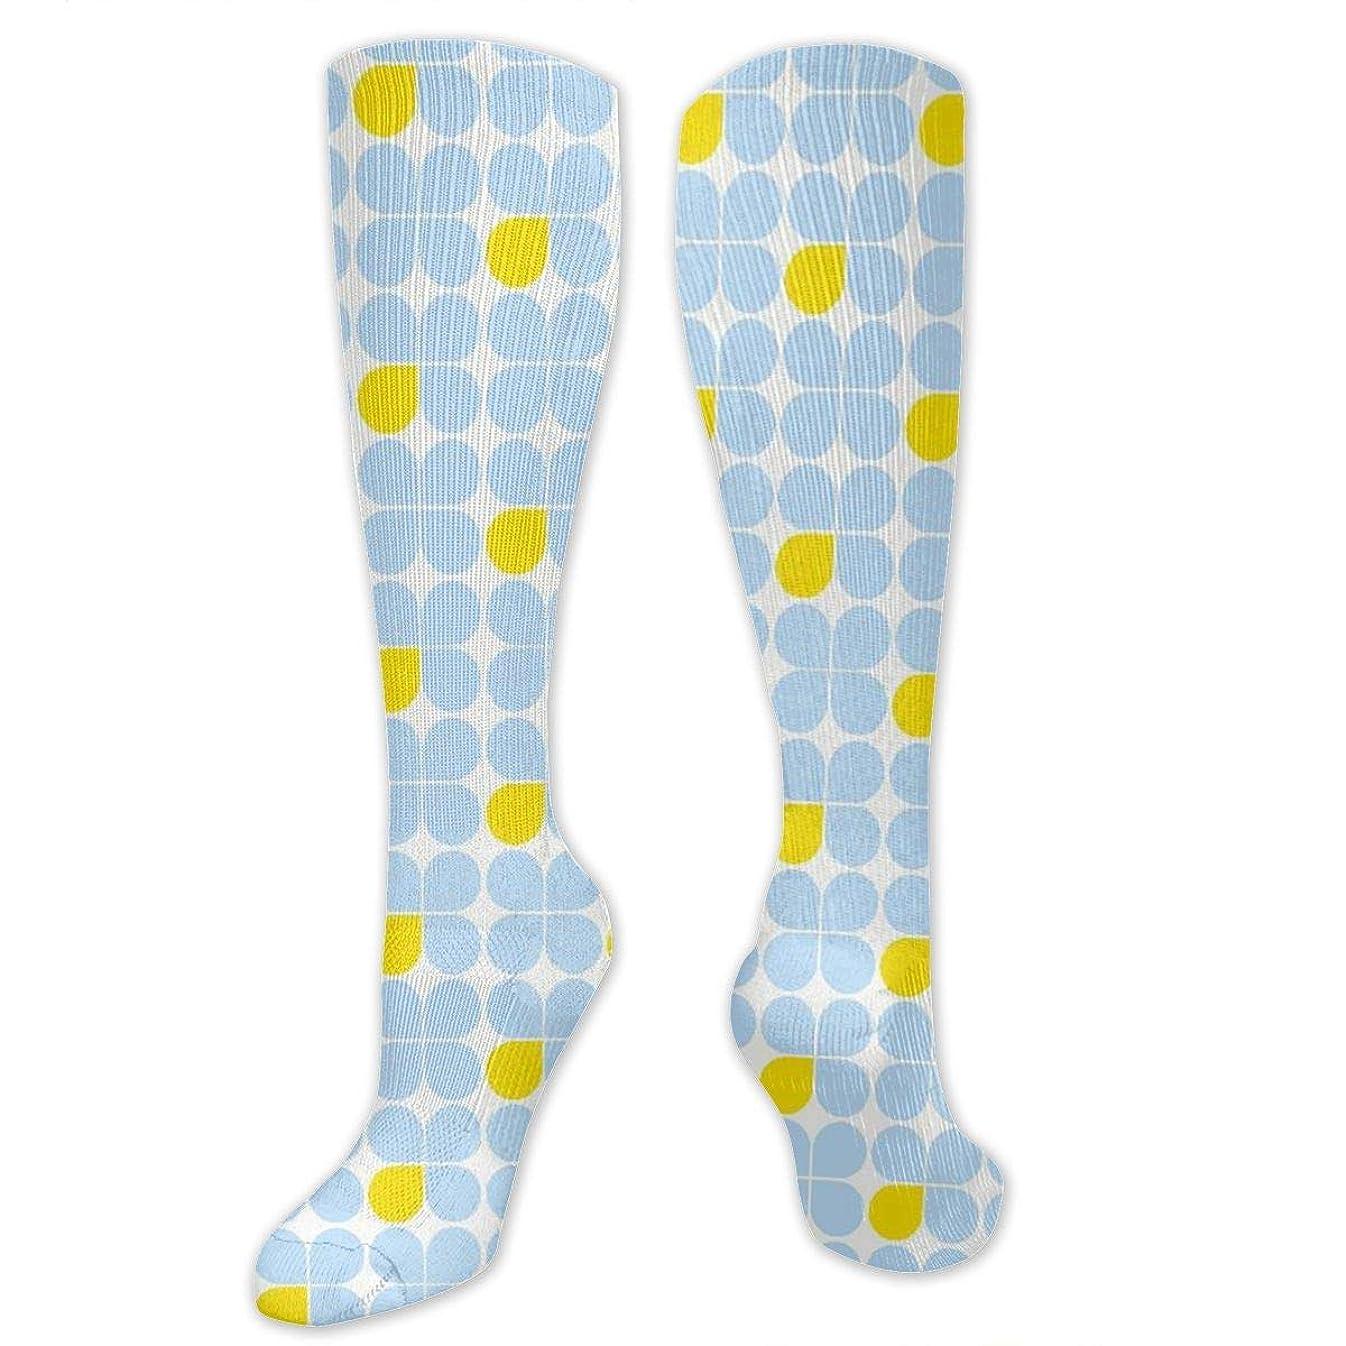 ディスコ忌み嫌う中止します靴下,ストッキング,野生のジョーカー,実際,秋の本質,冬必須,サマーウェア&RBXAA Three-Petal Blue One Yellow Socks Women's Winter Cotton Long Tube Socks Cotton Solid & Patterned Dress Socks